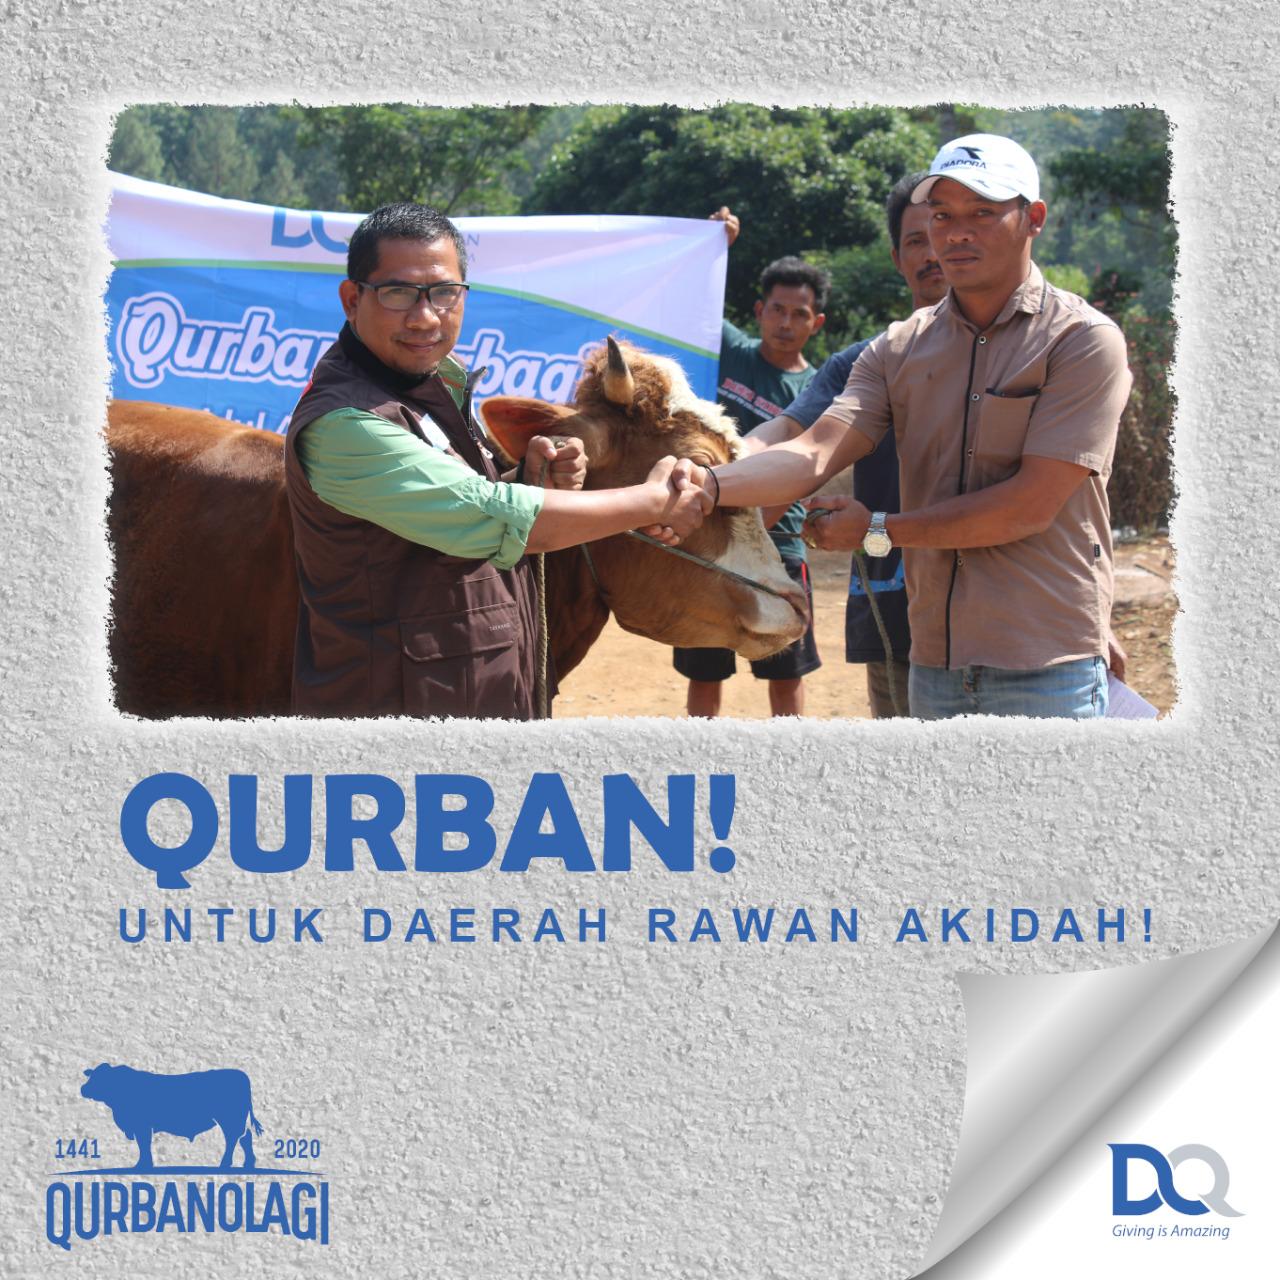 Kurban Untuk daerah RawKurban Untuk daerah Rawan Akidahan Akidah